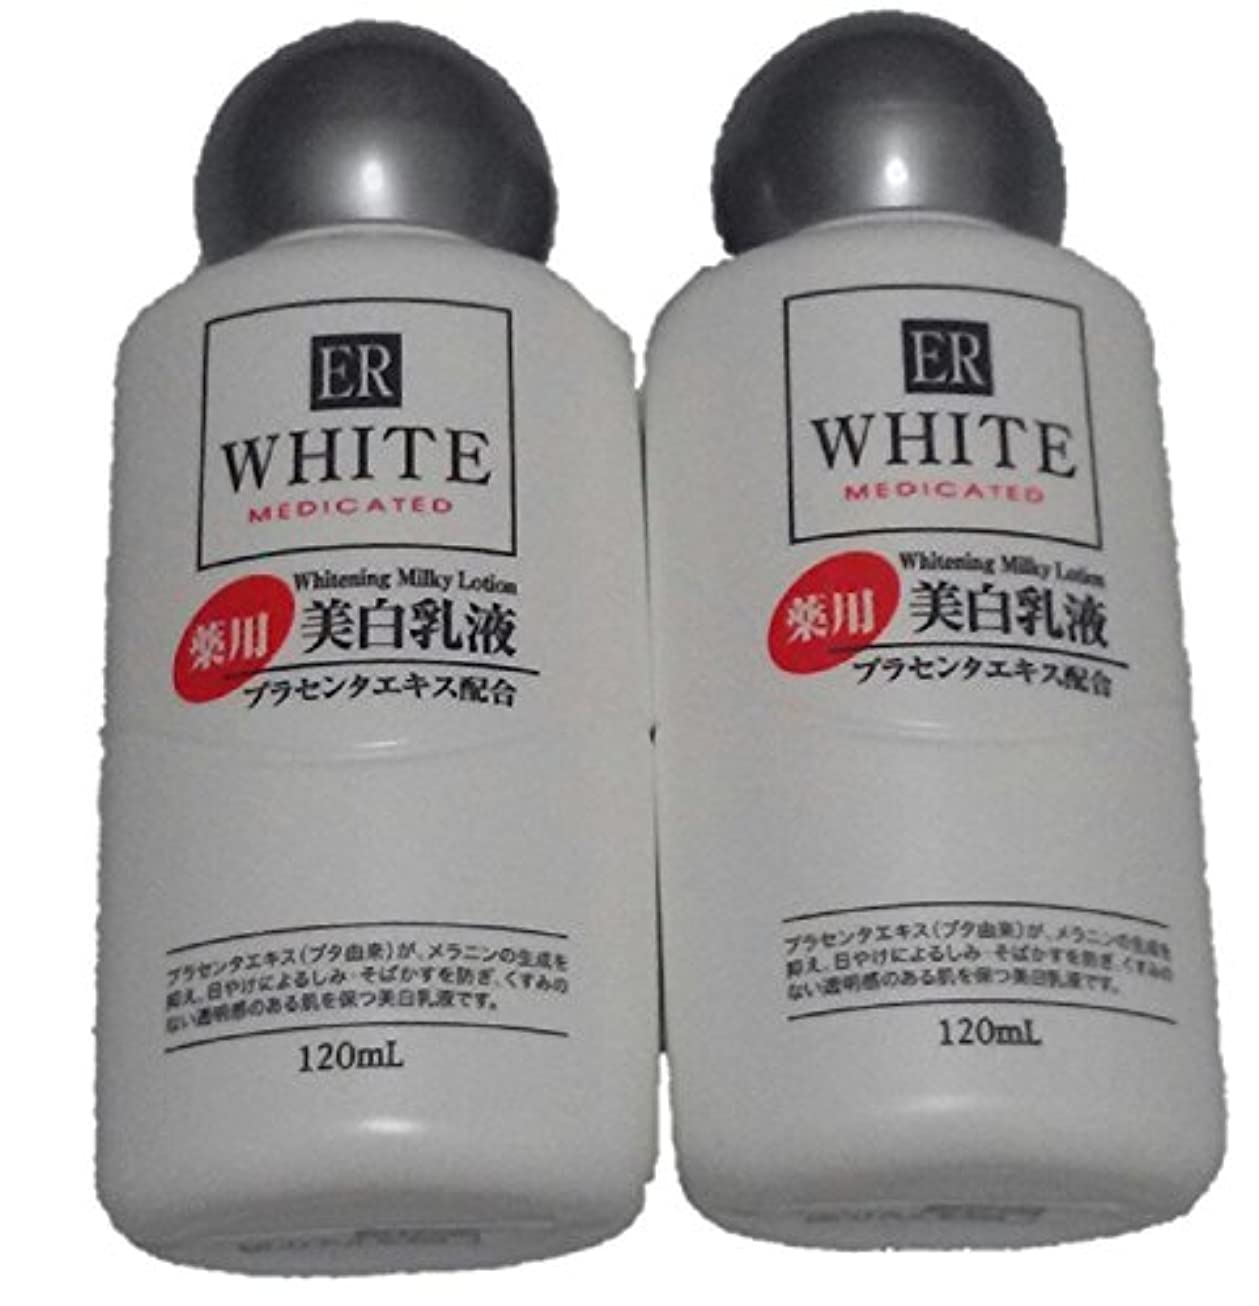 クライアントテレマコスコンパス【2本セット】コスモホワイトニングミルク 120ml